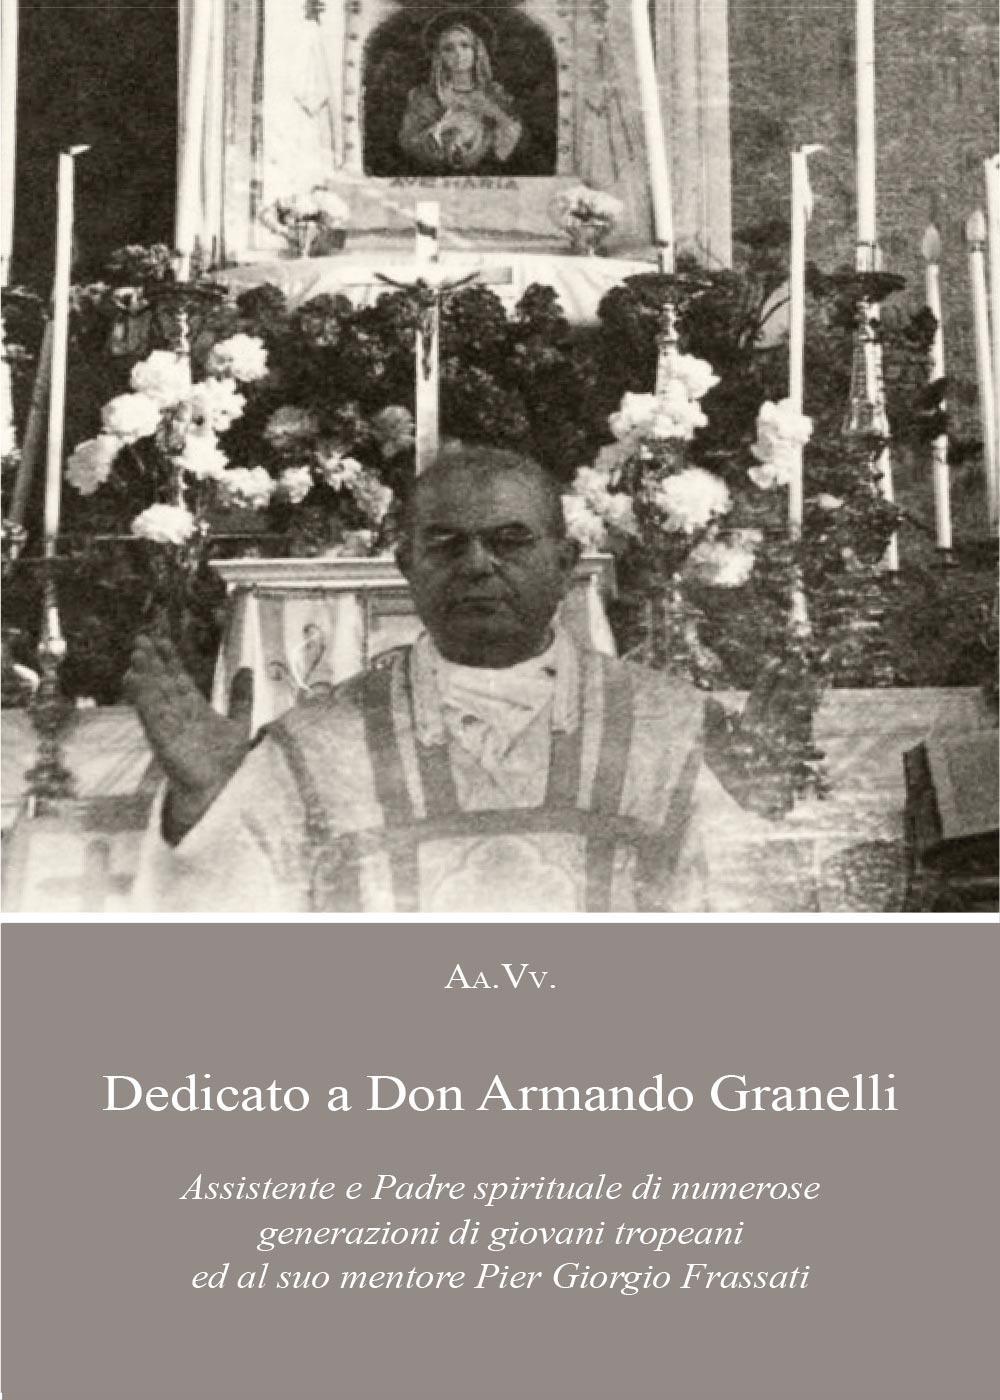 Dedicato a Don Armando Granelli Assistente e Padre spirituale di numerose generazioni di giovani tropeani ed al suo mentore Pier Giorgio Frassati